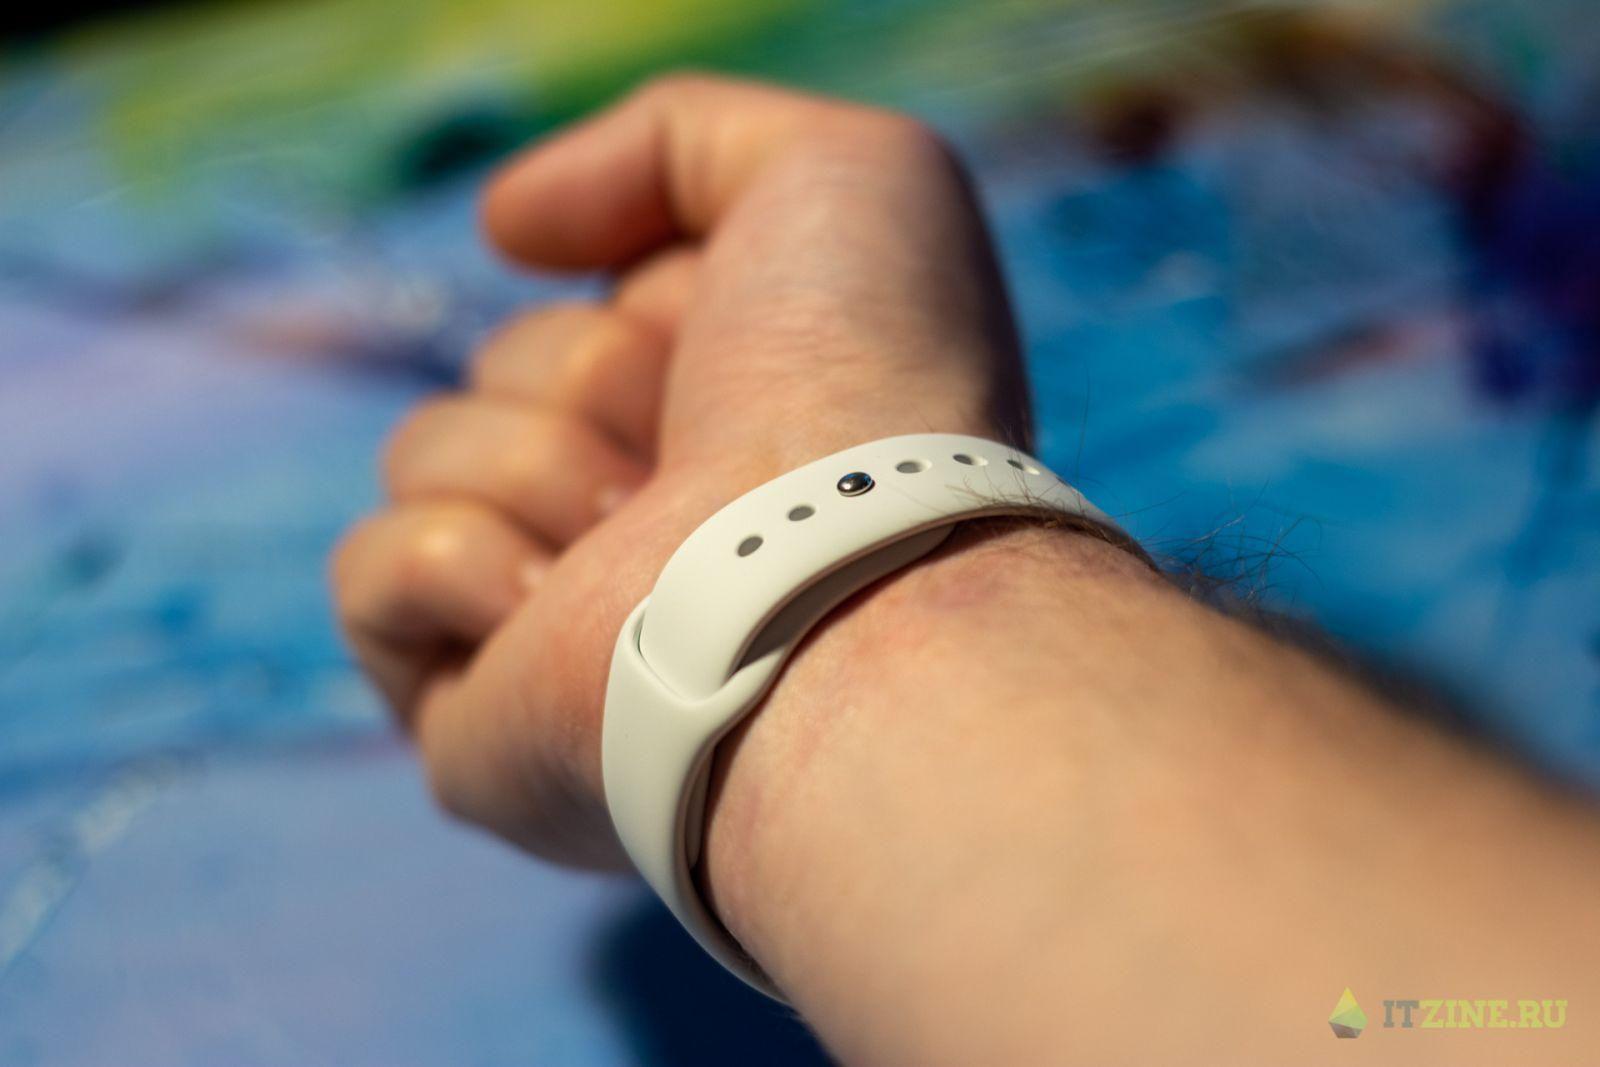 Первый взгляд: обзор Apple Watch series 6 cо сканером кислорода в крови (DSC 9216)